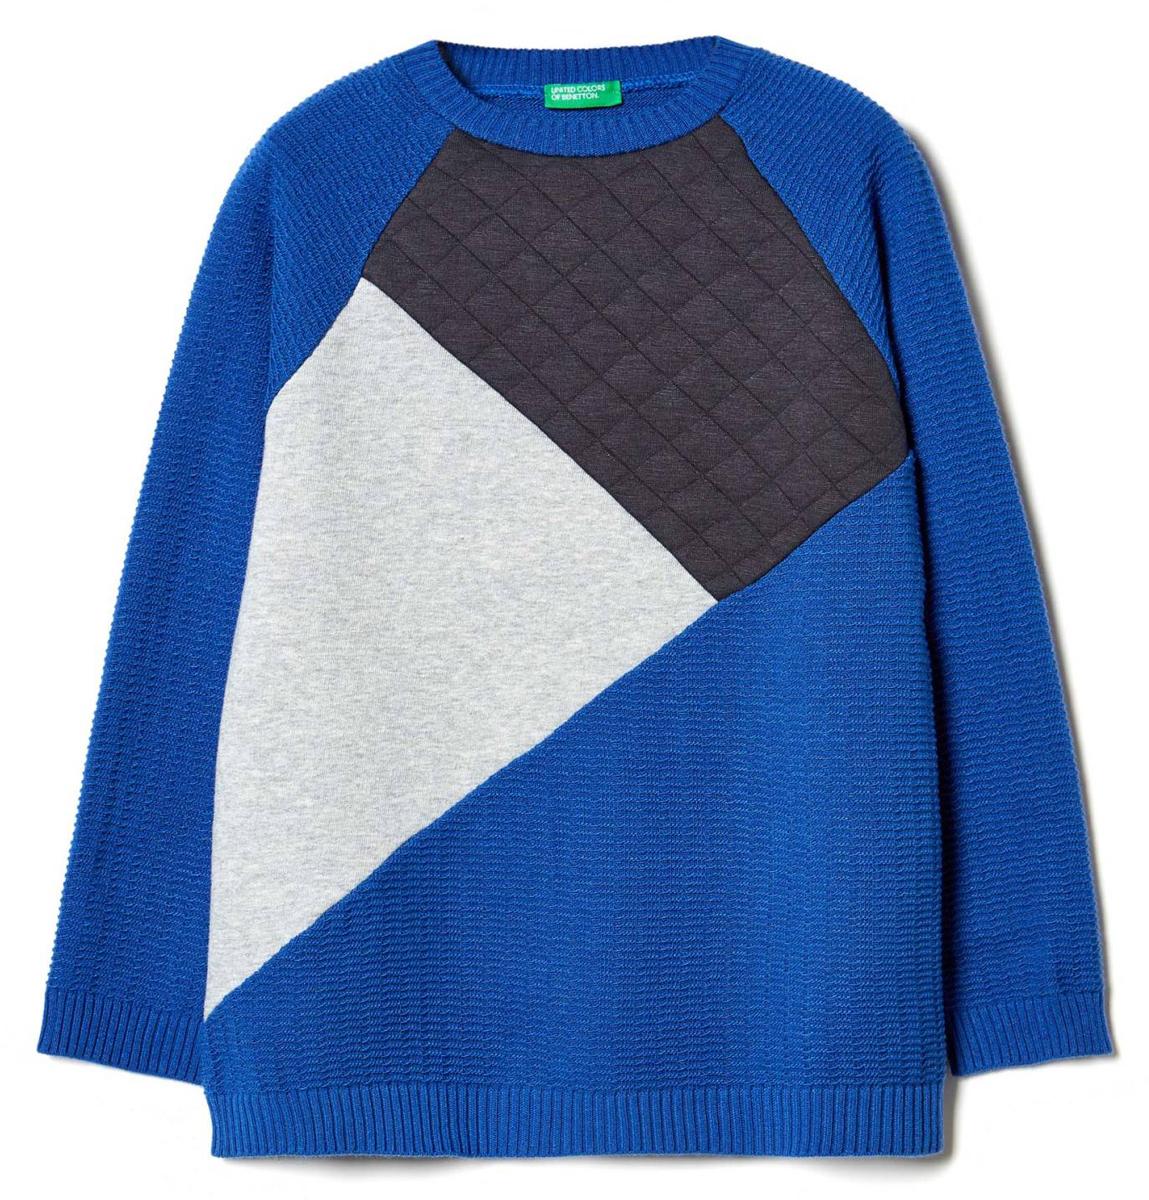 Джемпер для мальчика United Colors of Benetton, цвет: синий. 119QC1530_36U. Размер 160119QC1530_36UДжемпер для мальчика United Colors of Benetton выполнен из акрила и нейлона. Модель с круглым вырезом горловины и длинными рукавами.